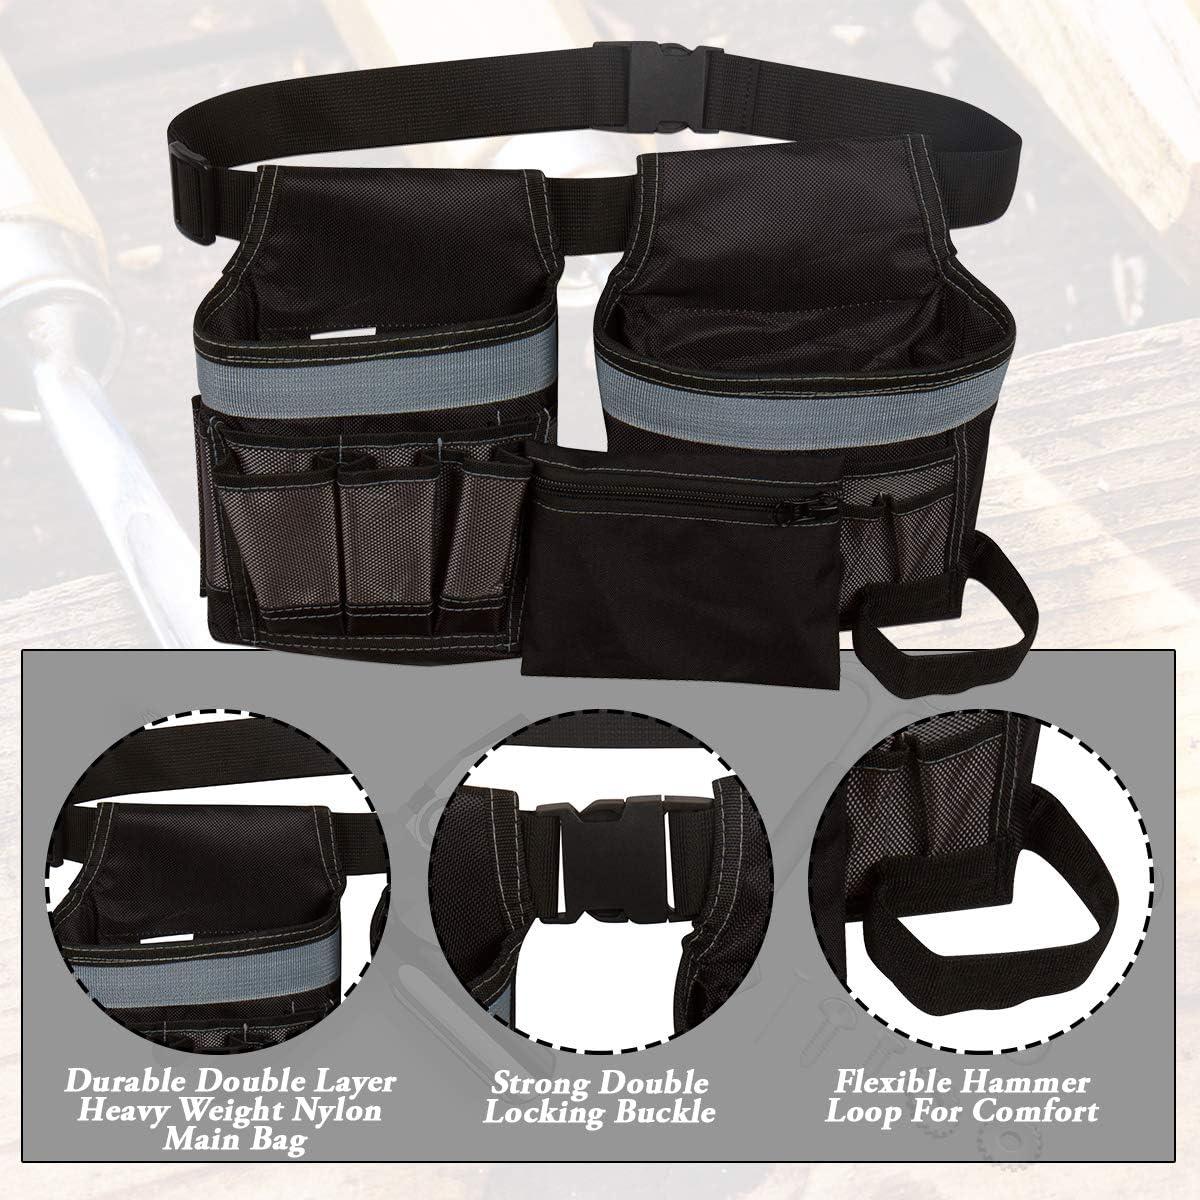 Ri/ñonera Bolsa para cintur/ón para piezas Hardware Herramientas Herramientas Herramienta de electricista Ri/ñonera para herramientas Bolsas para herramientas Bolsas para herramientas